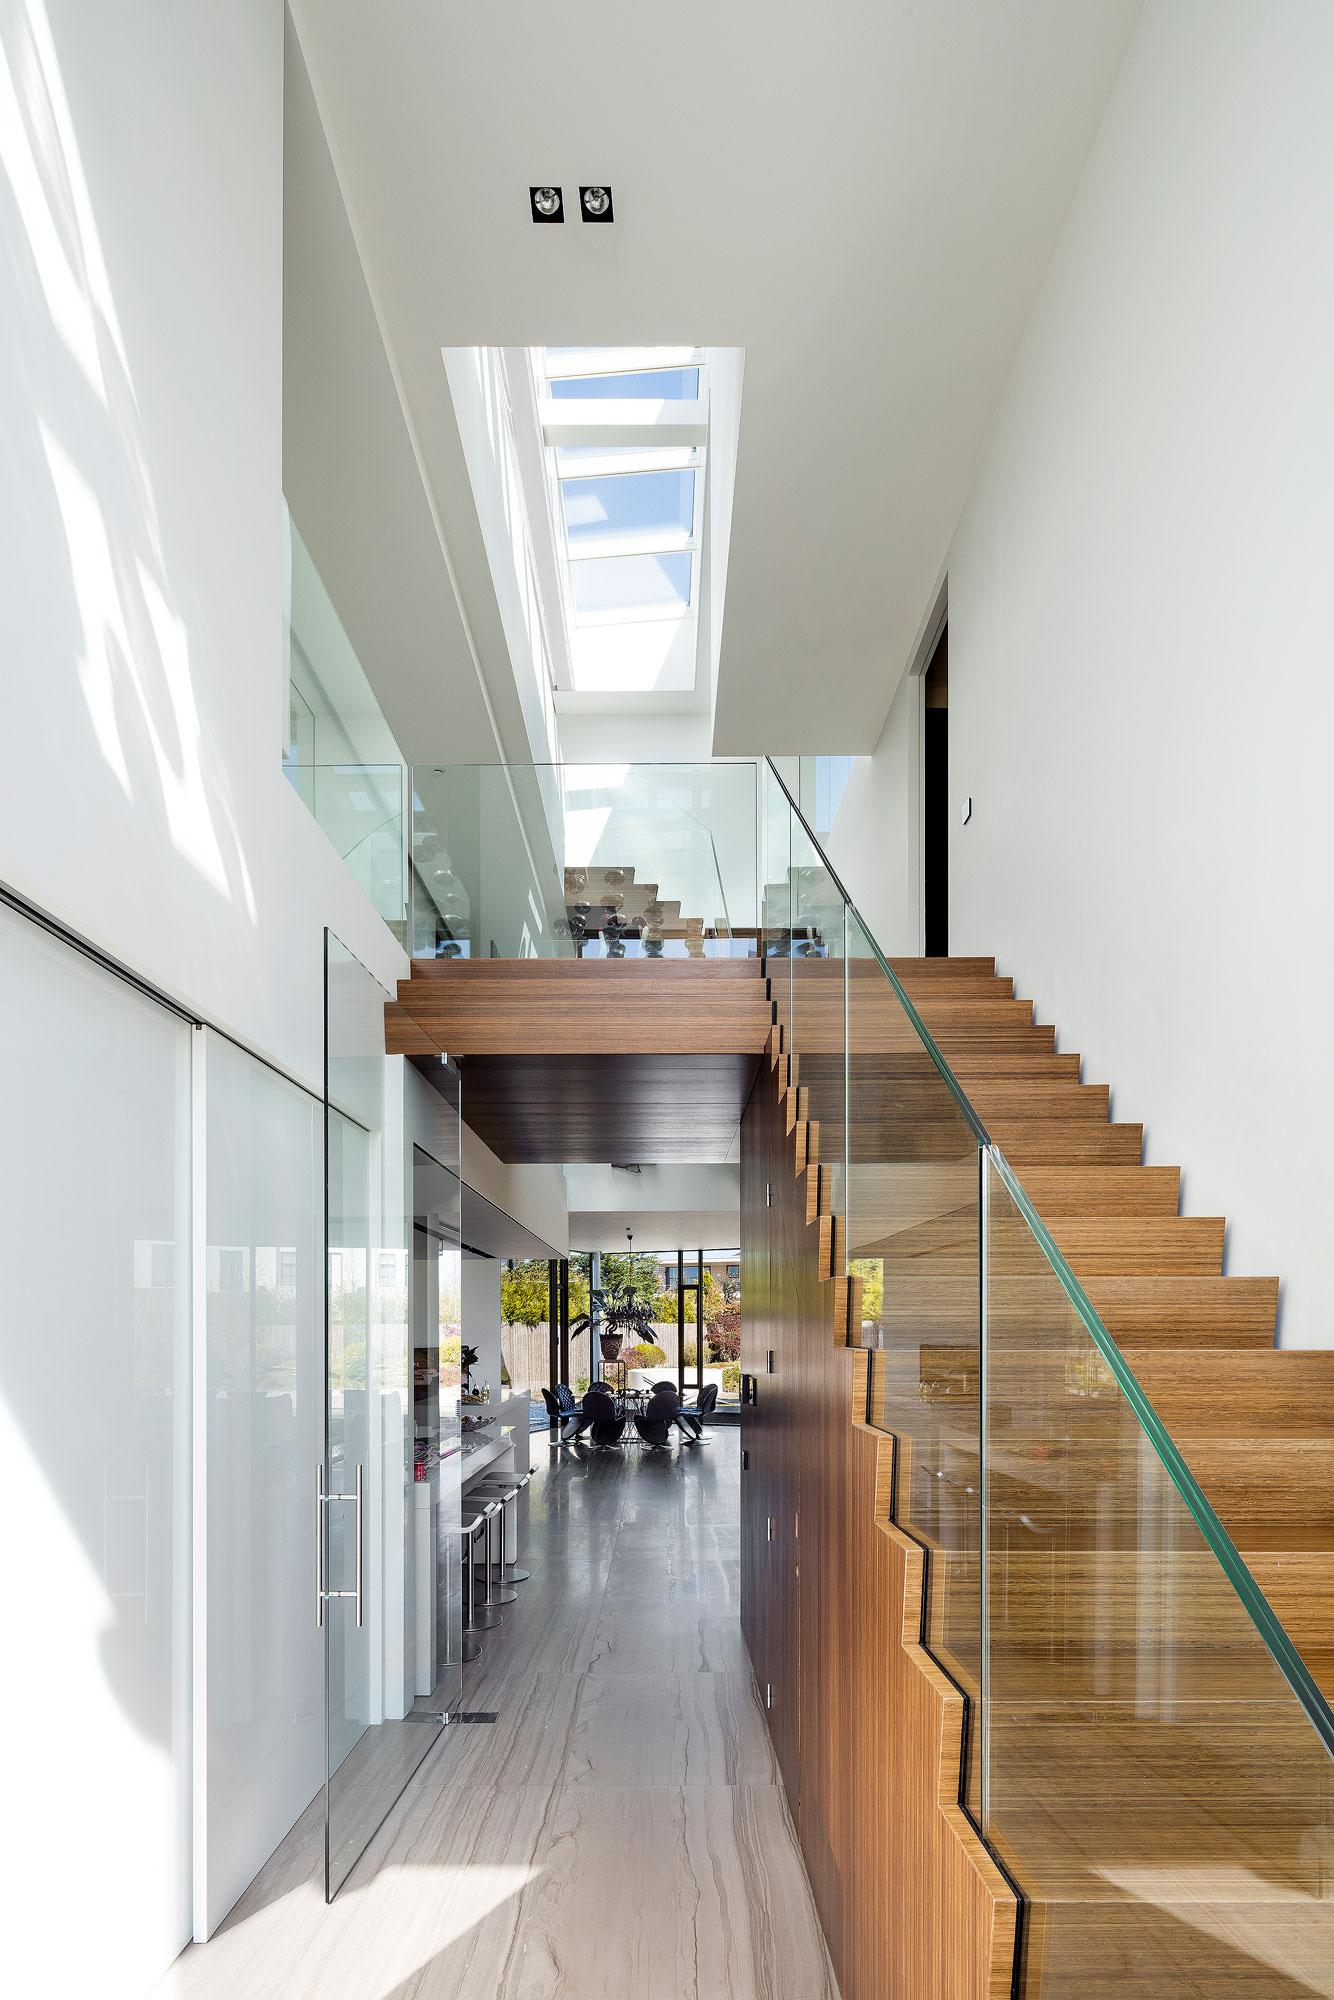 Interieur villa in Hoofddorp. Fotografie door architectuur fotograaf Chiel de Nooyer